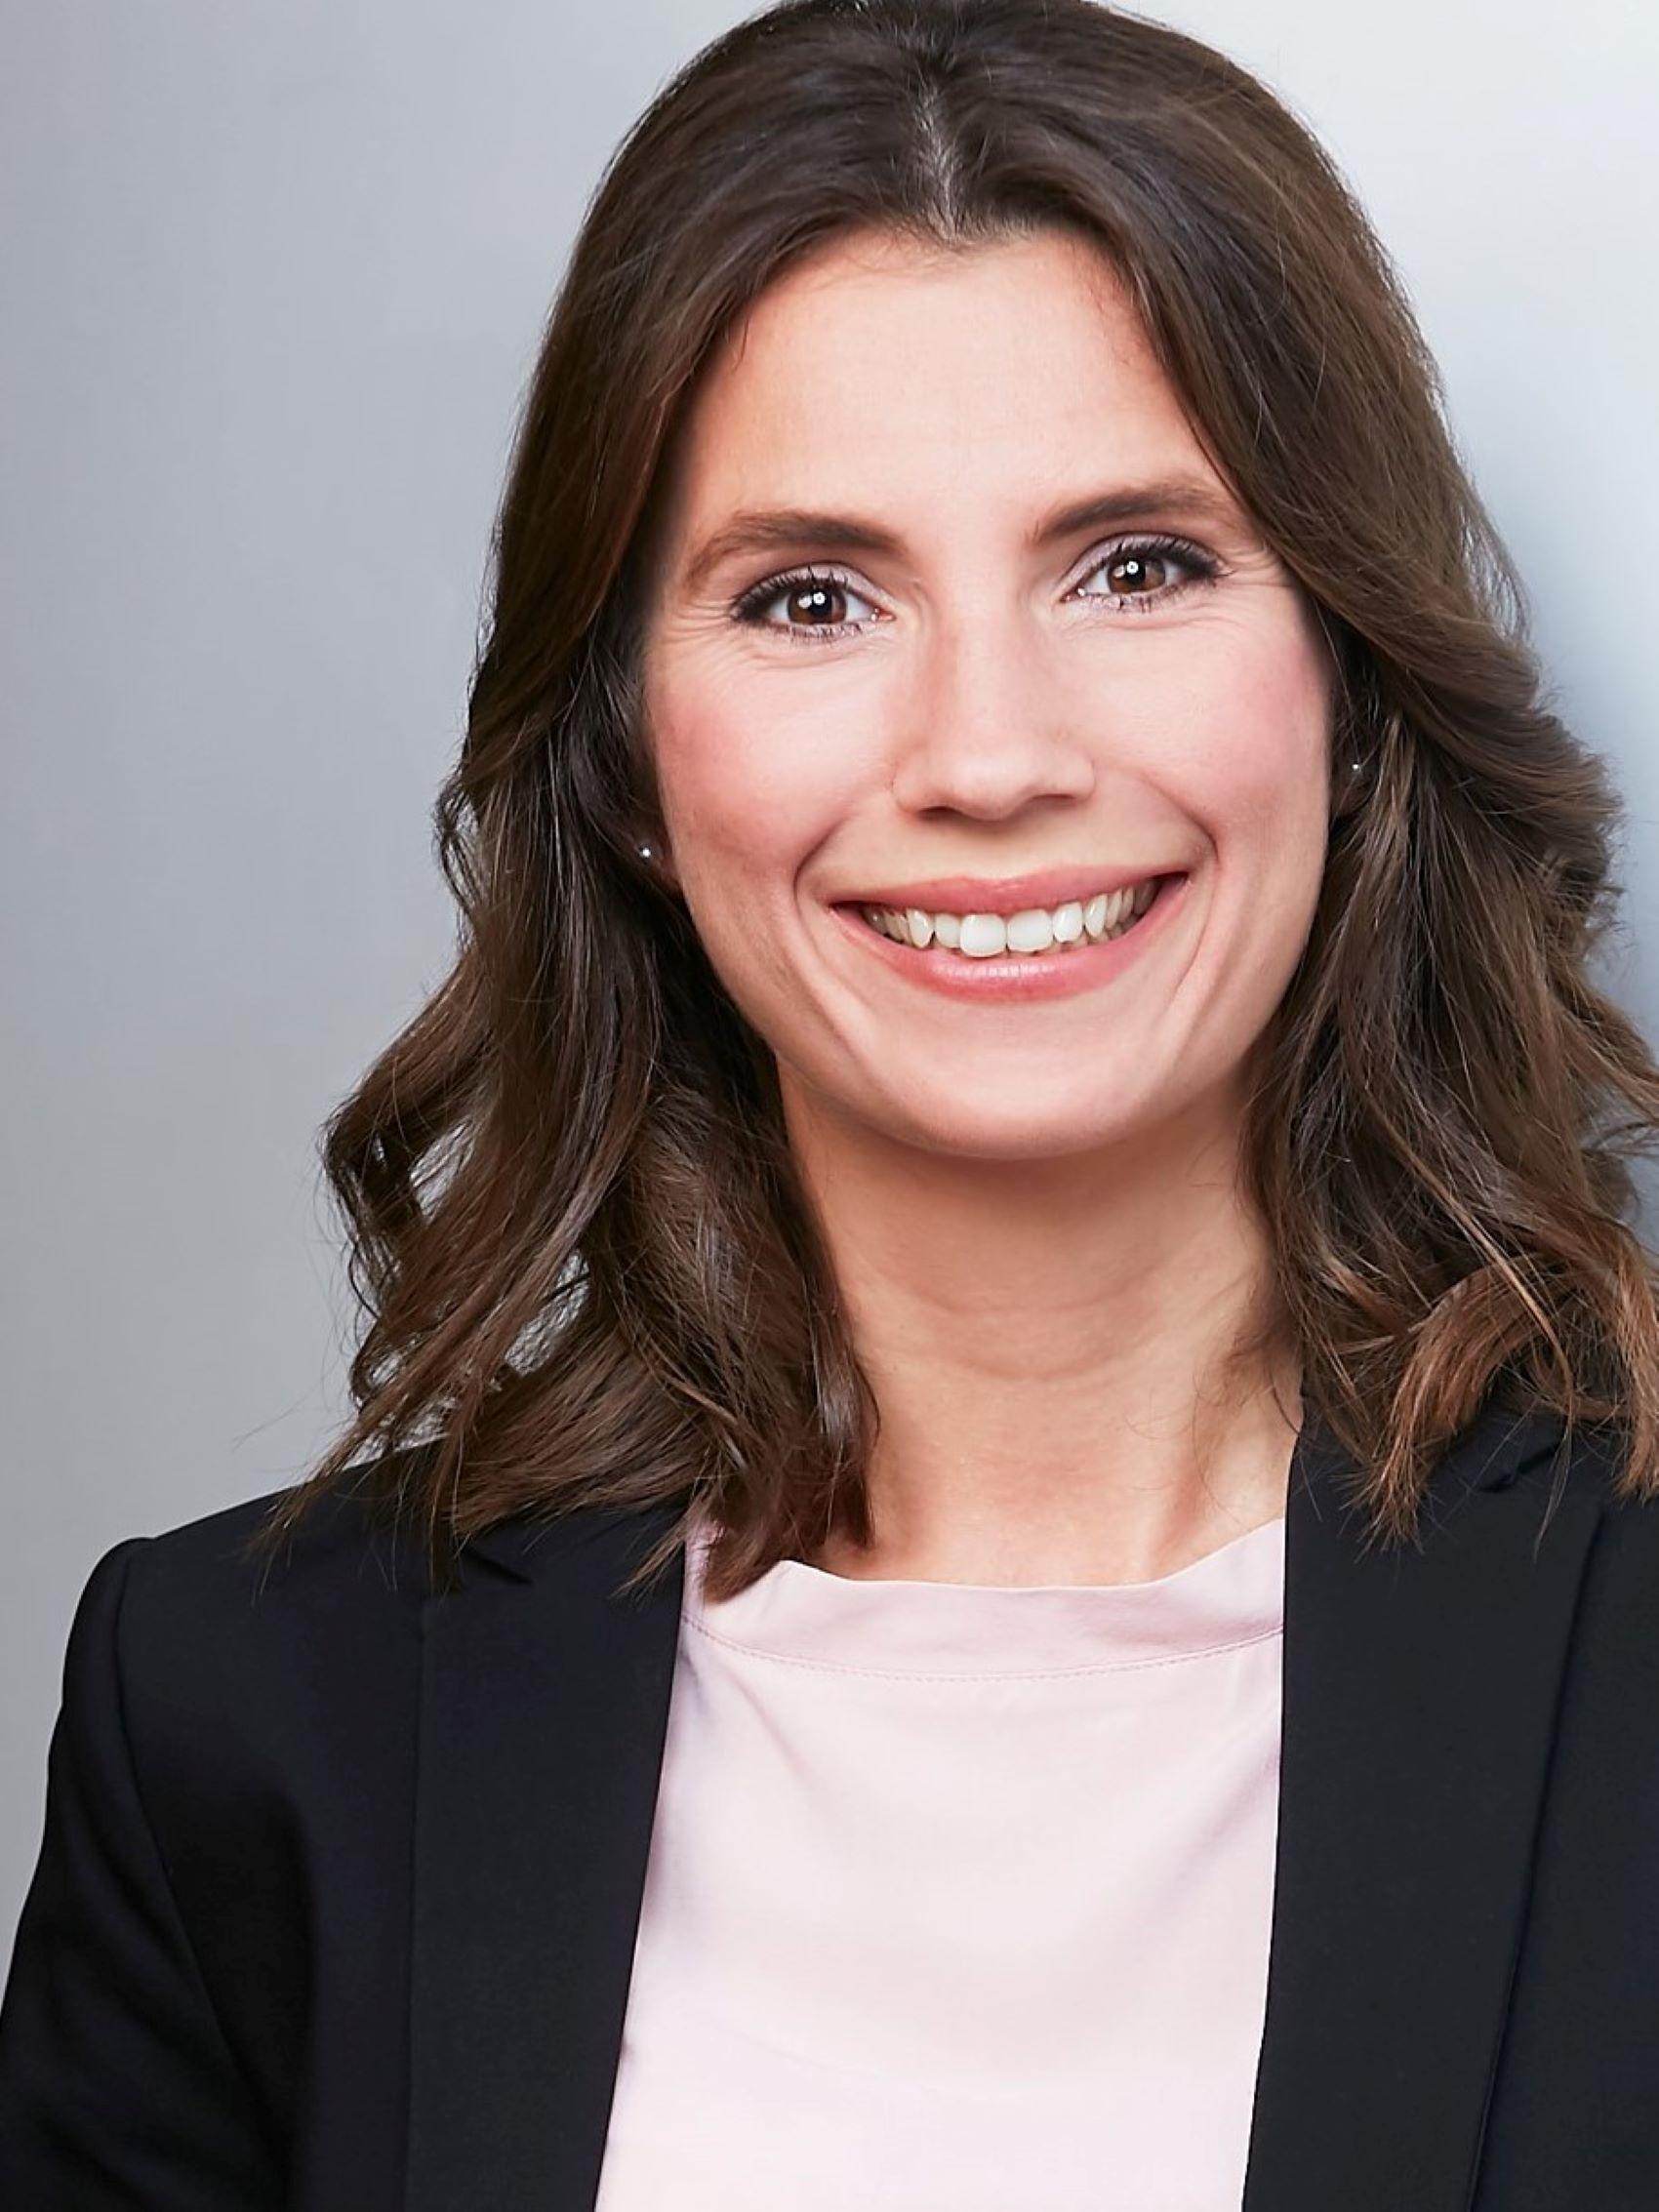 Sarah Maria Bruhs